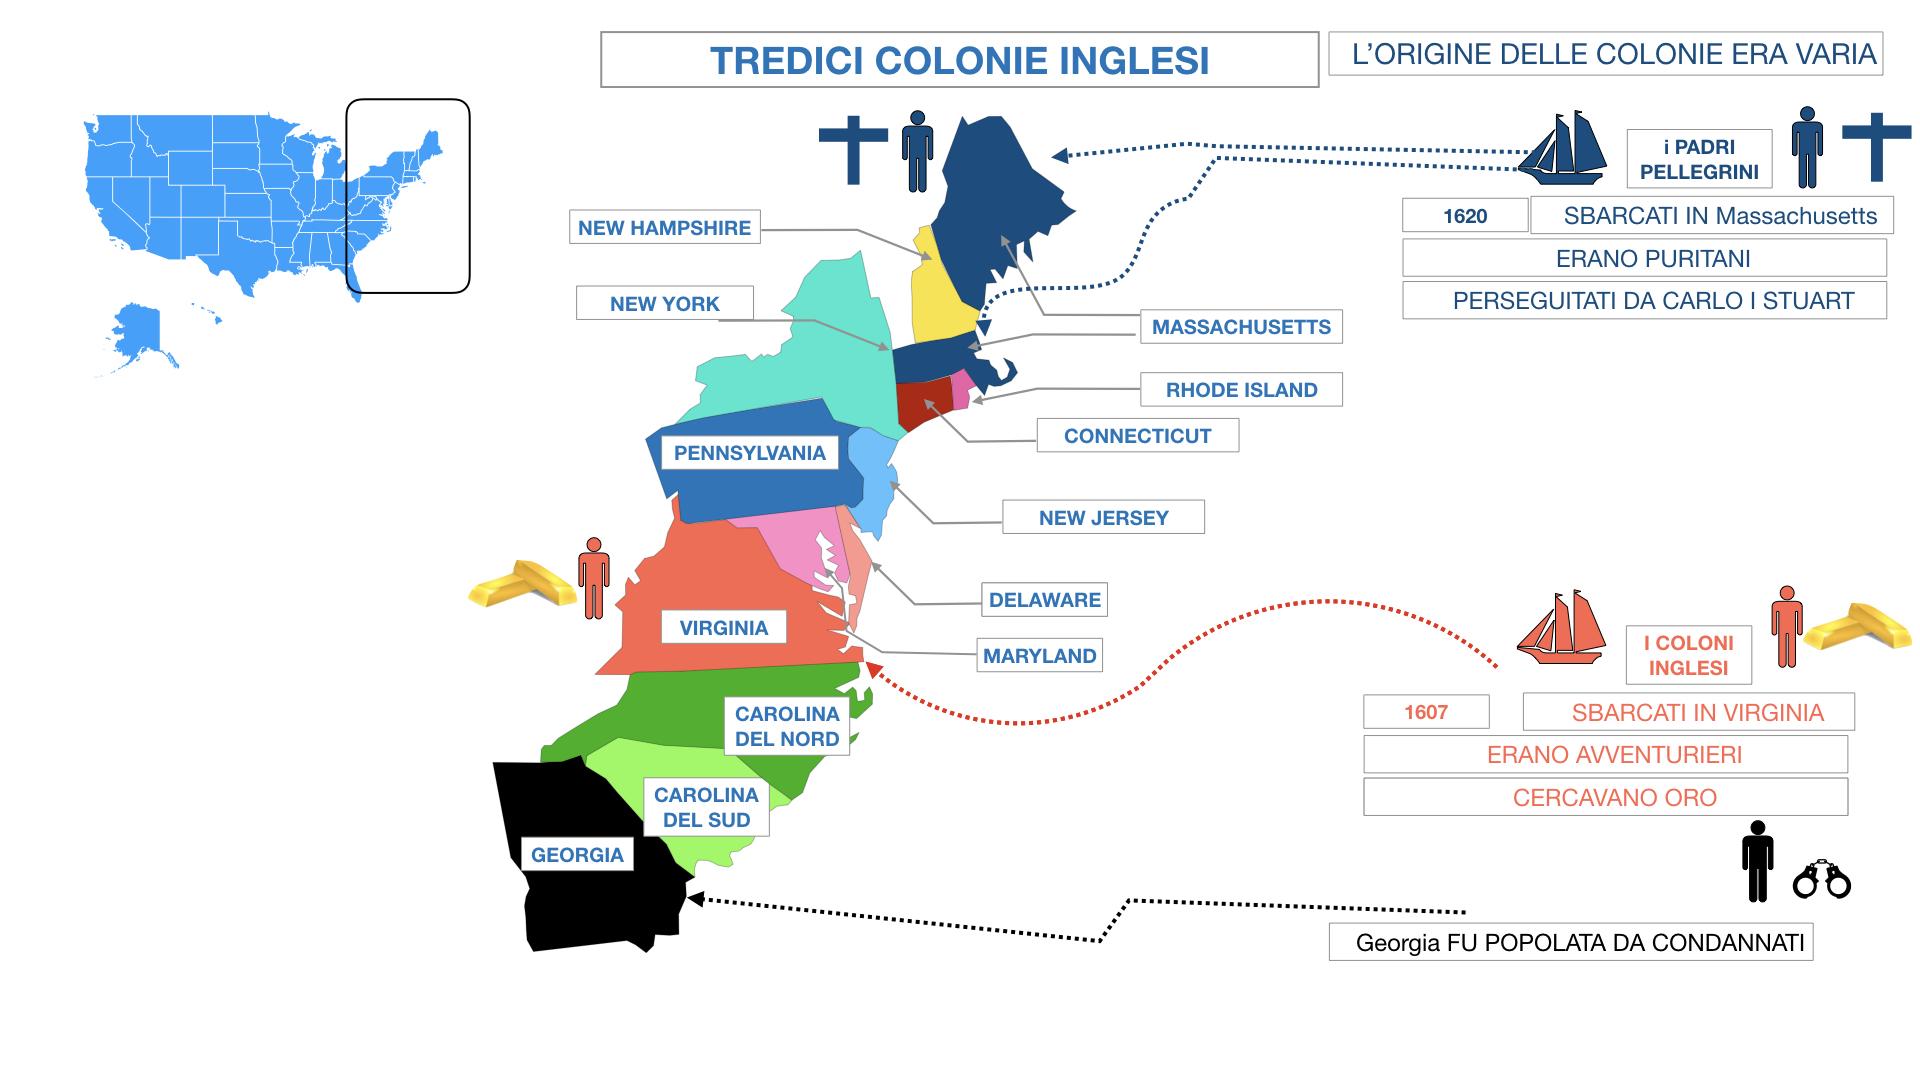 AMERICA LE TREDICI COLONIE INGLESI SIMULAZIONE.053